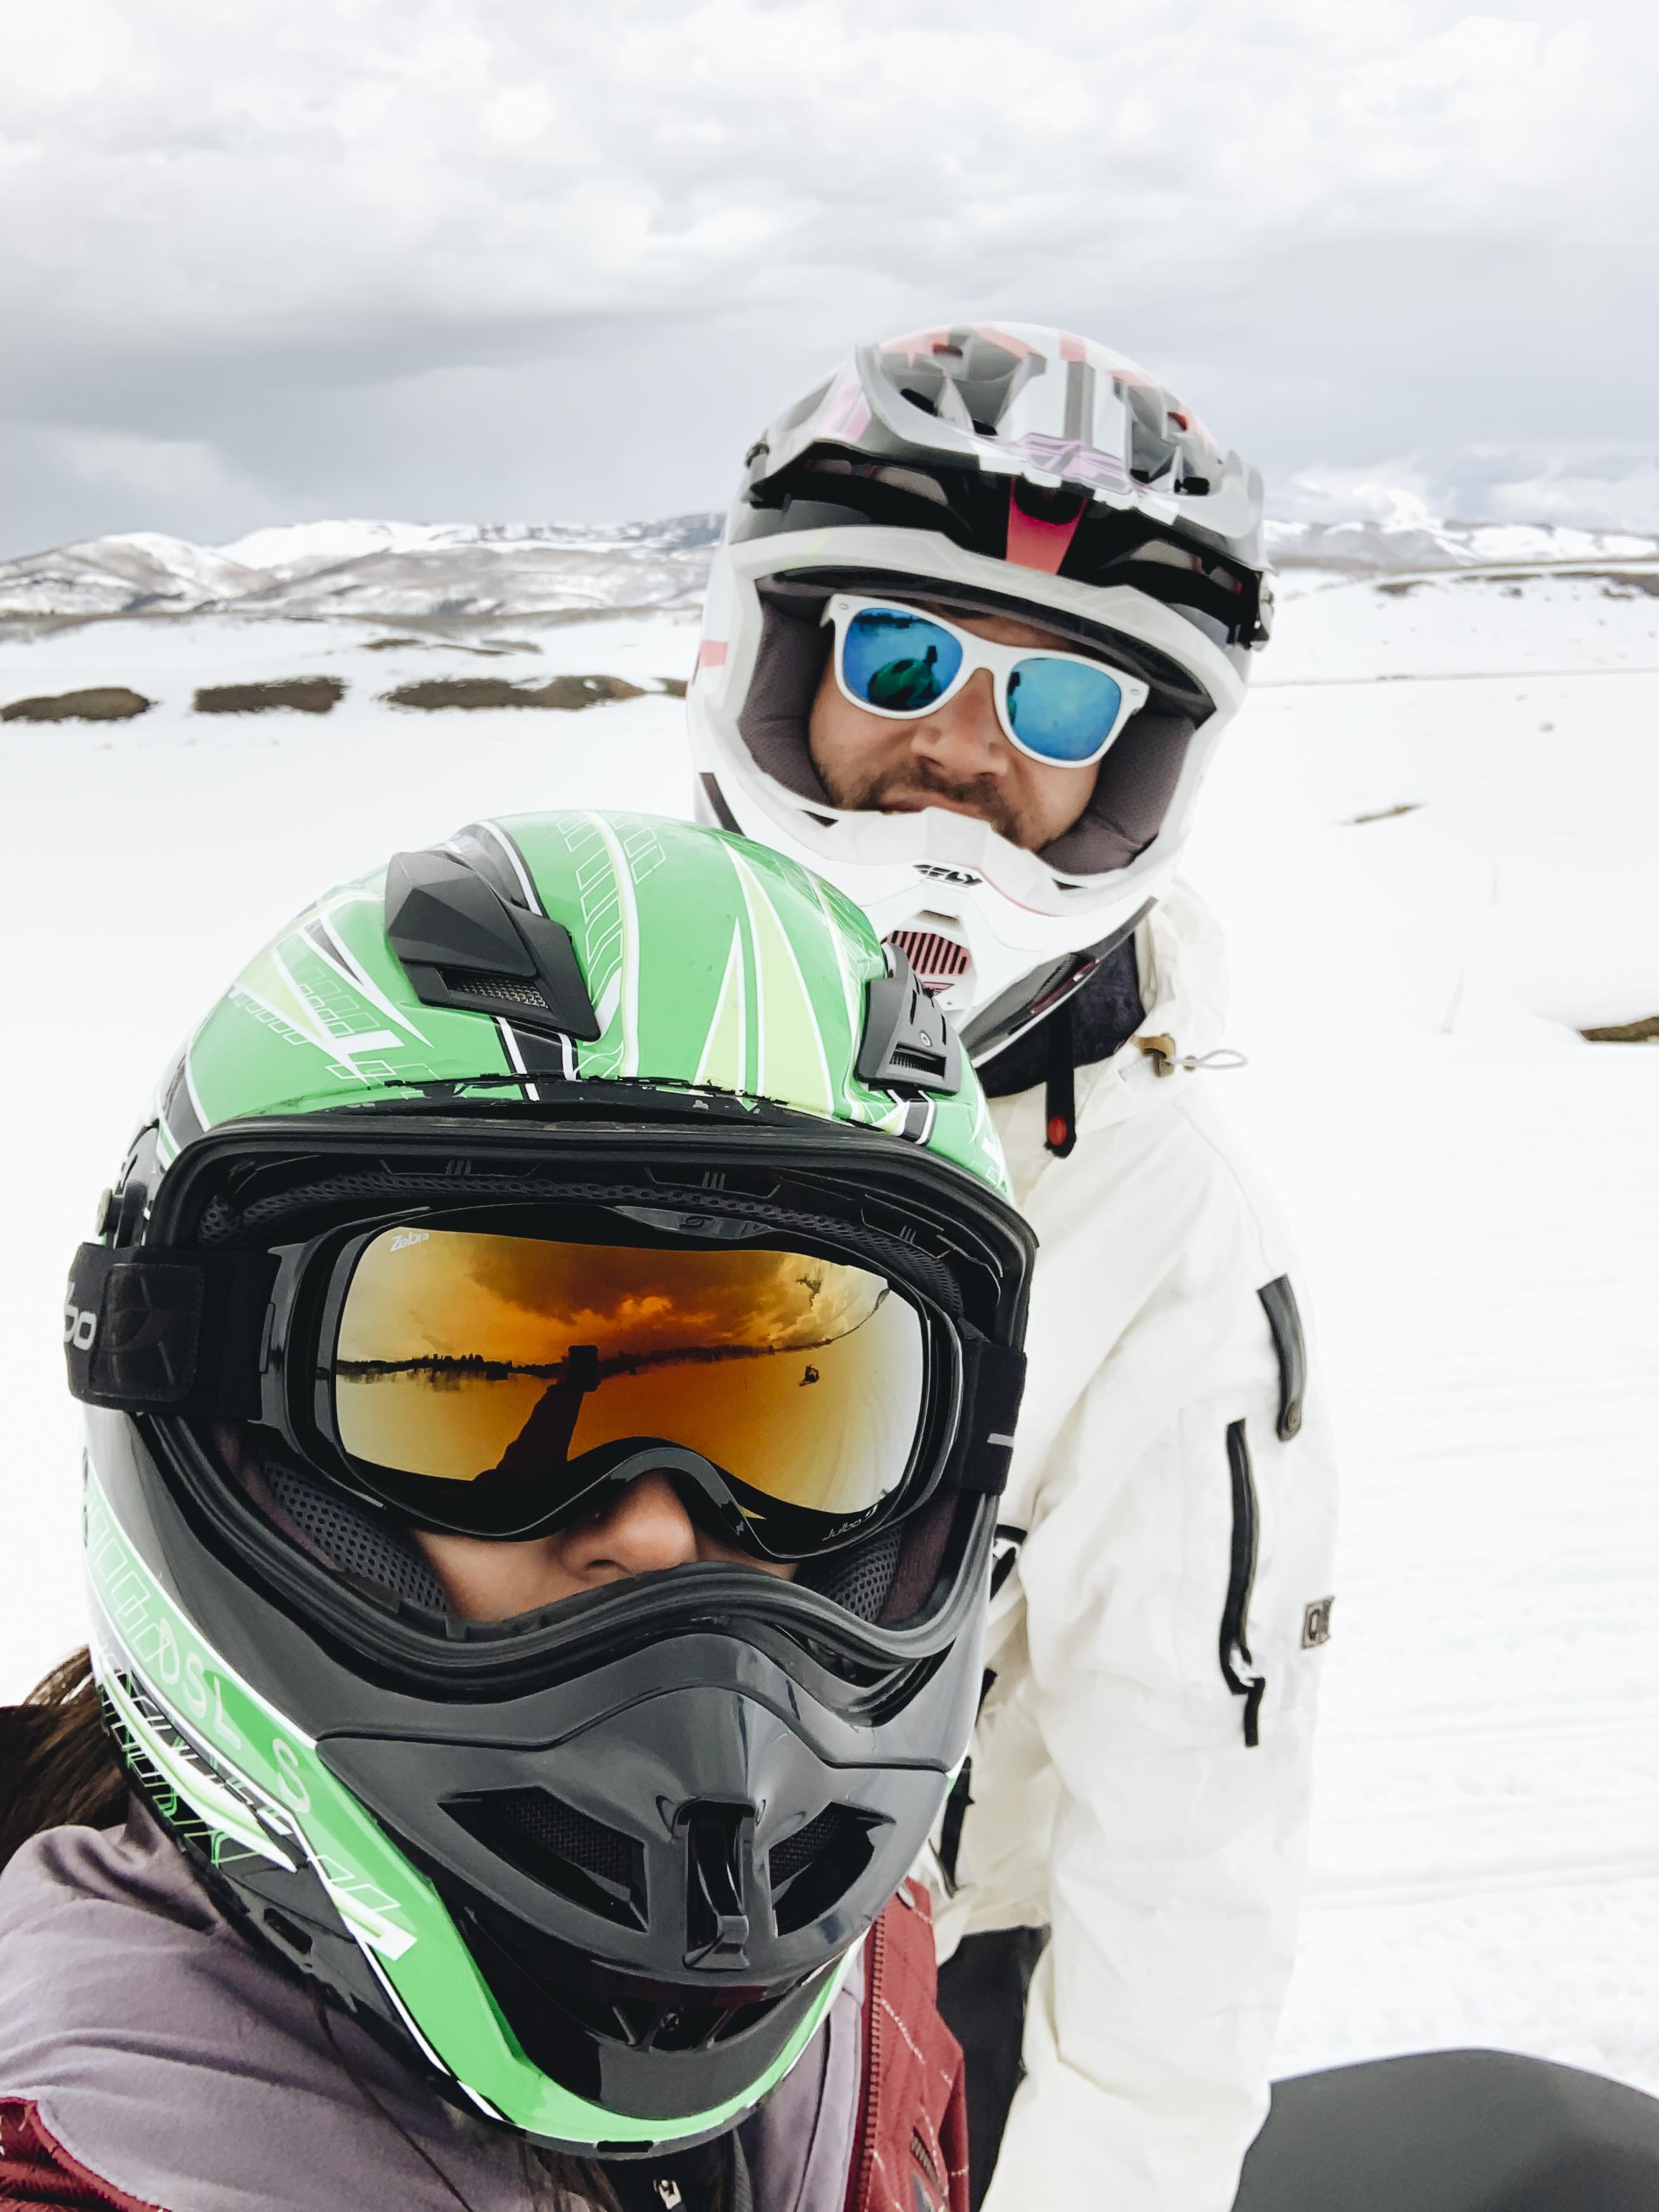 chrissihernandez-utah-parkcity-snowmobiling (4)copy2500.jpg